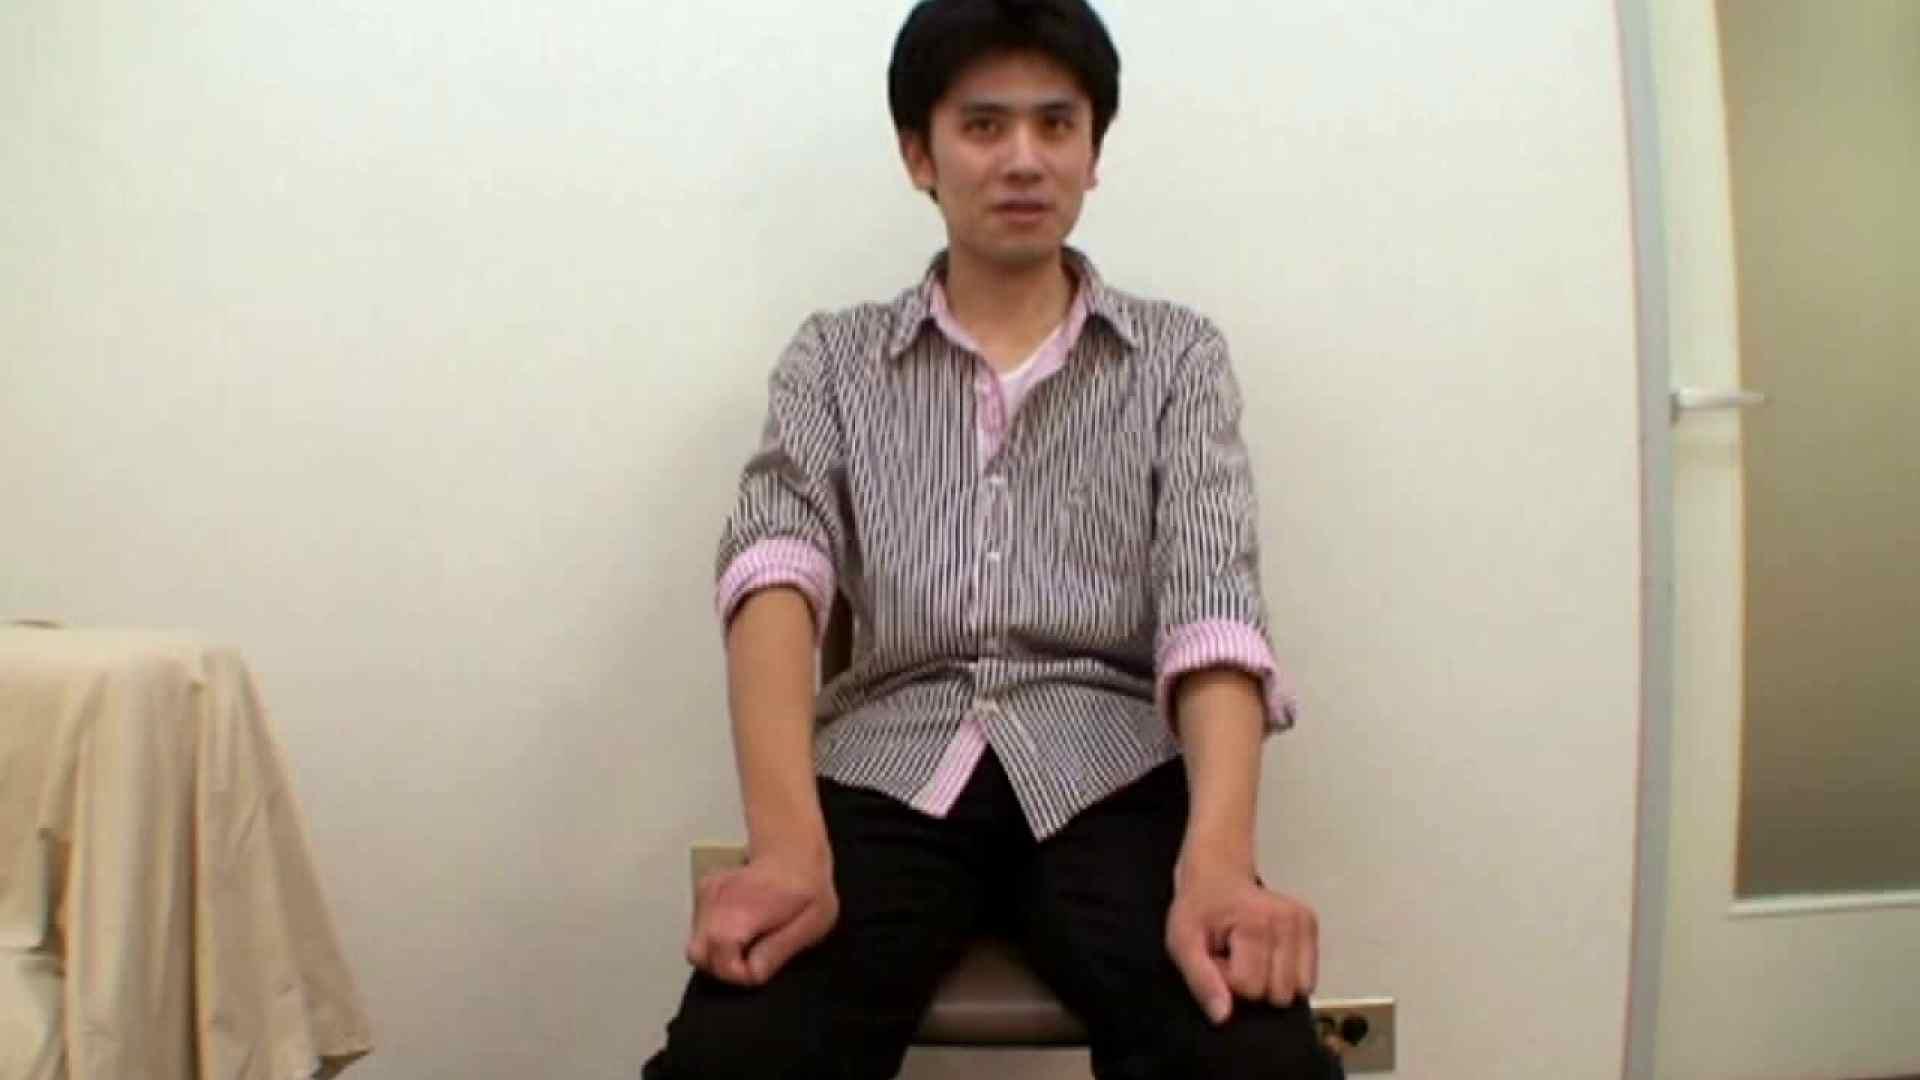 イケメンにタンクトップにオナニー ゲイのオナニー映像  70枚 16